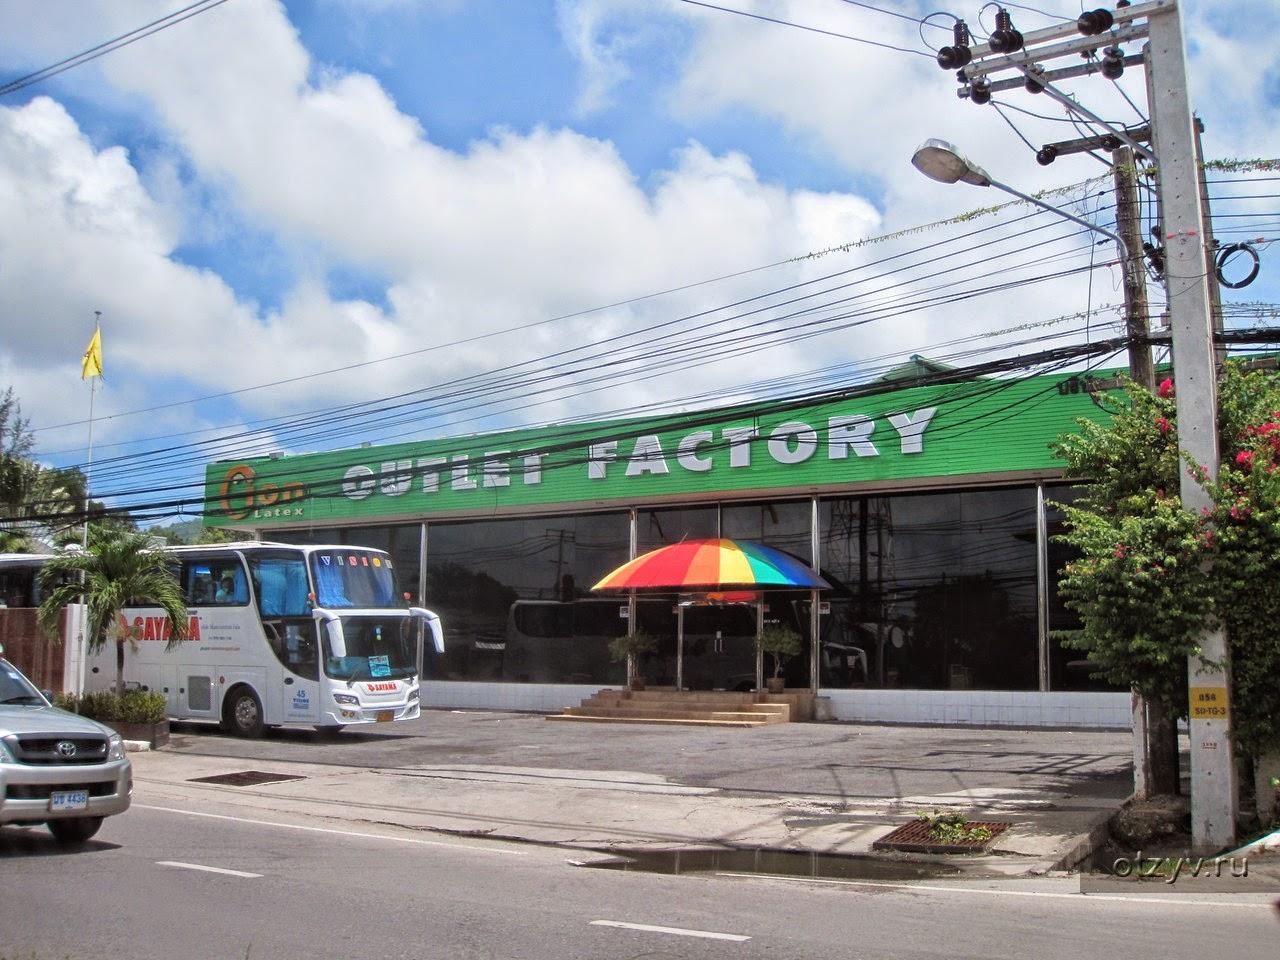 латексная фабрика пхукет